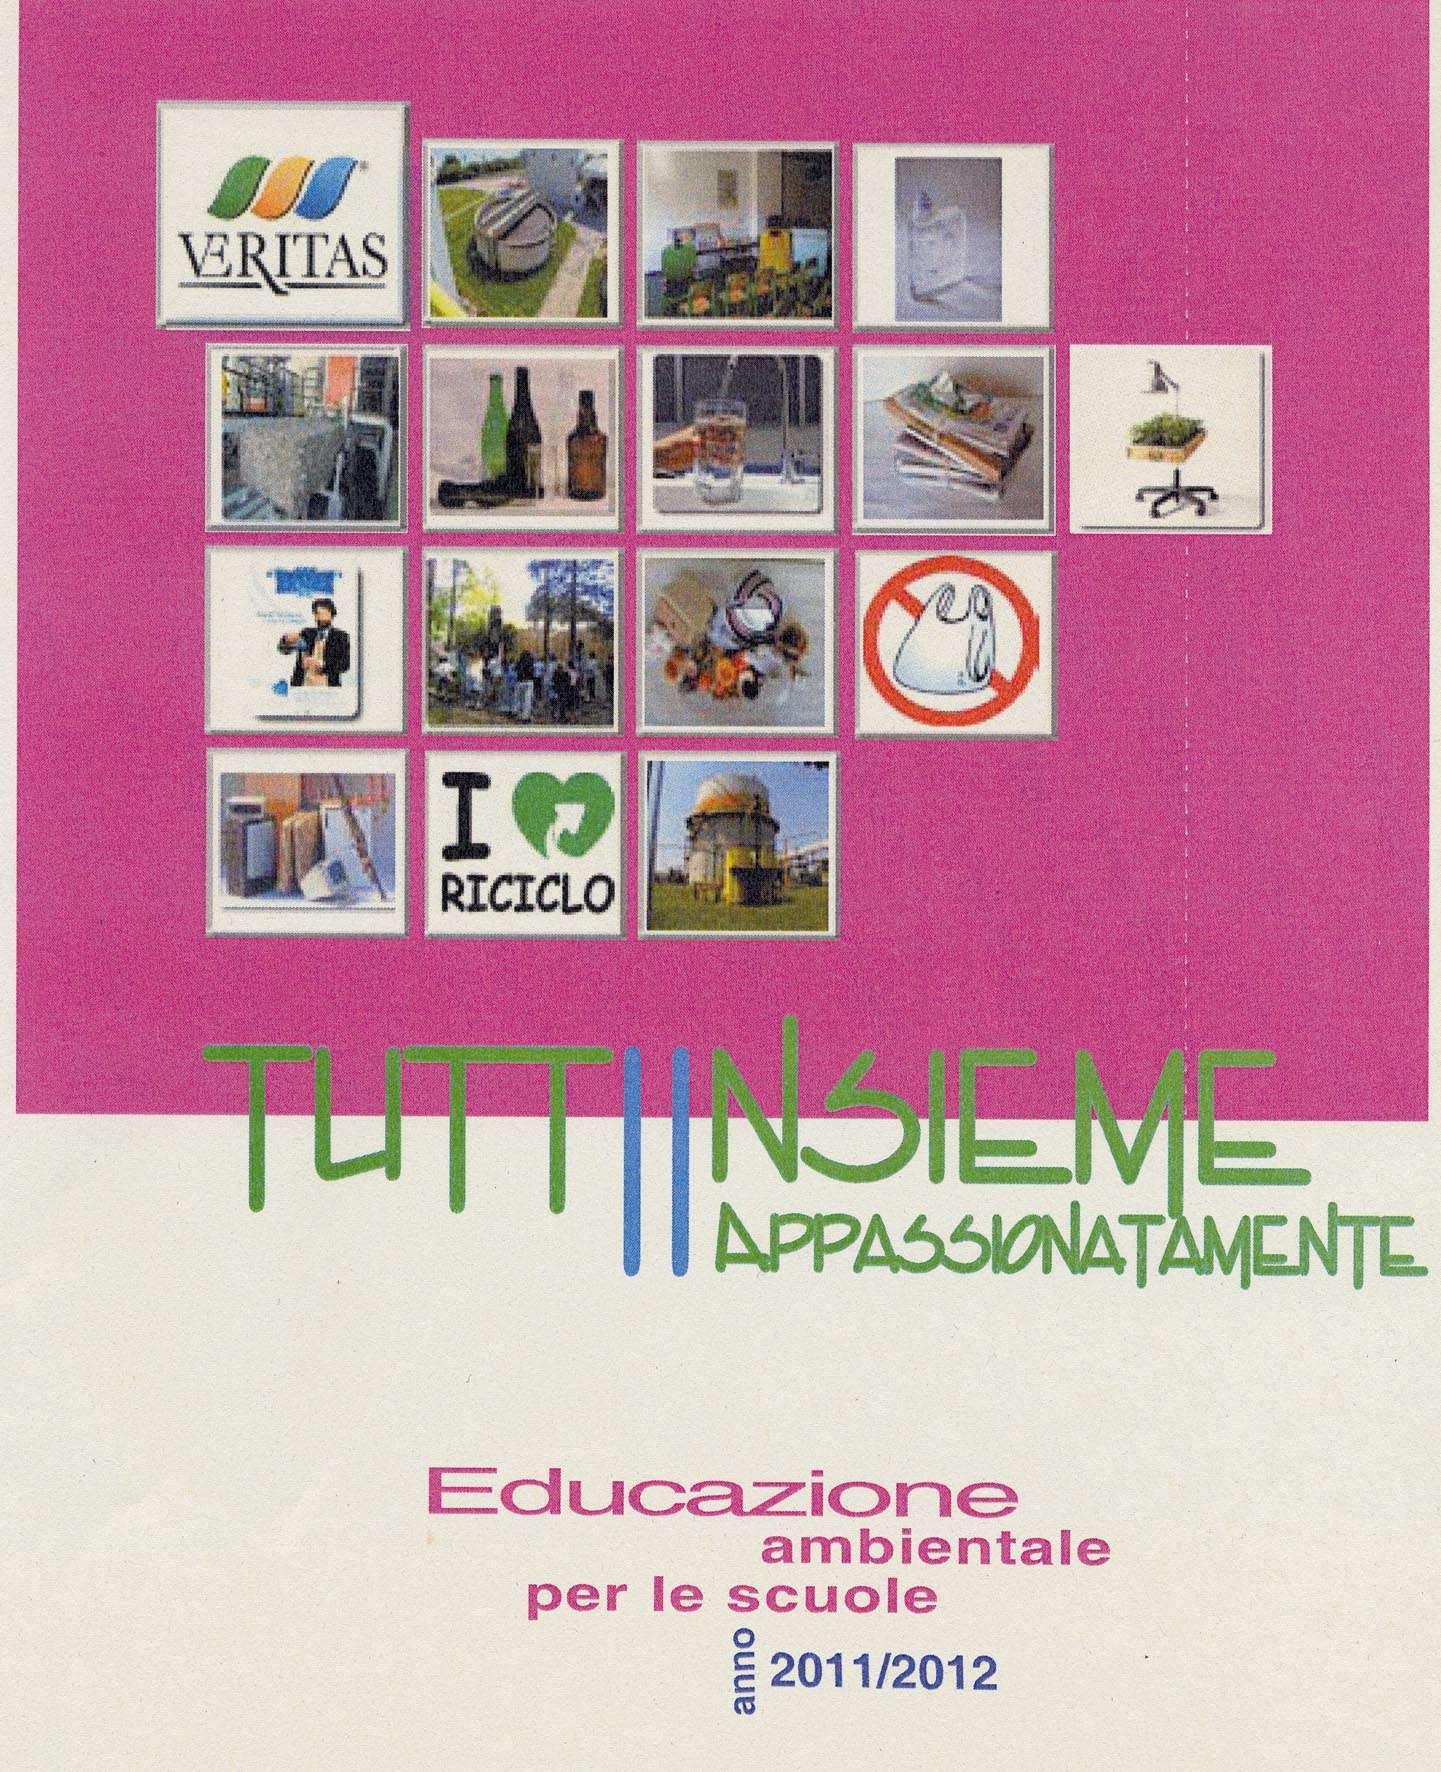 progettoEducazioneAmbientaleScuole2011-2012_copertinaProgetto.jpg